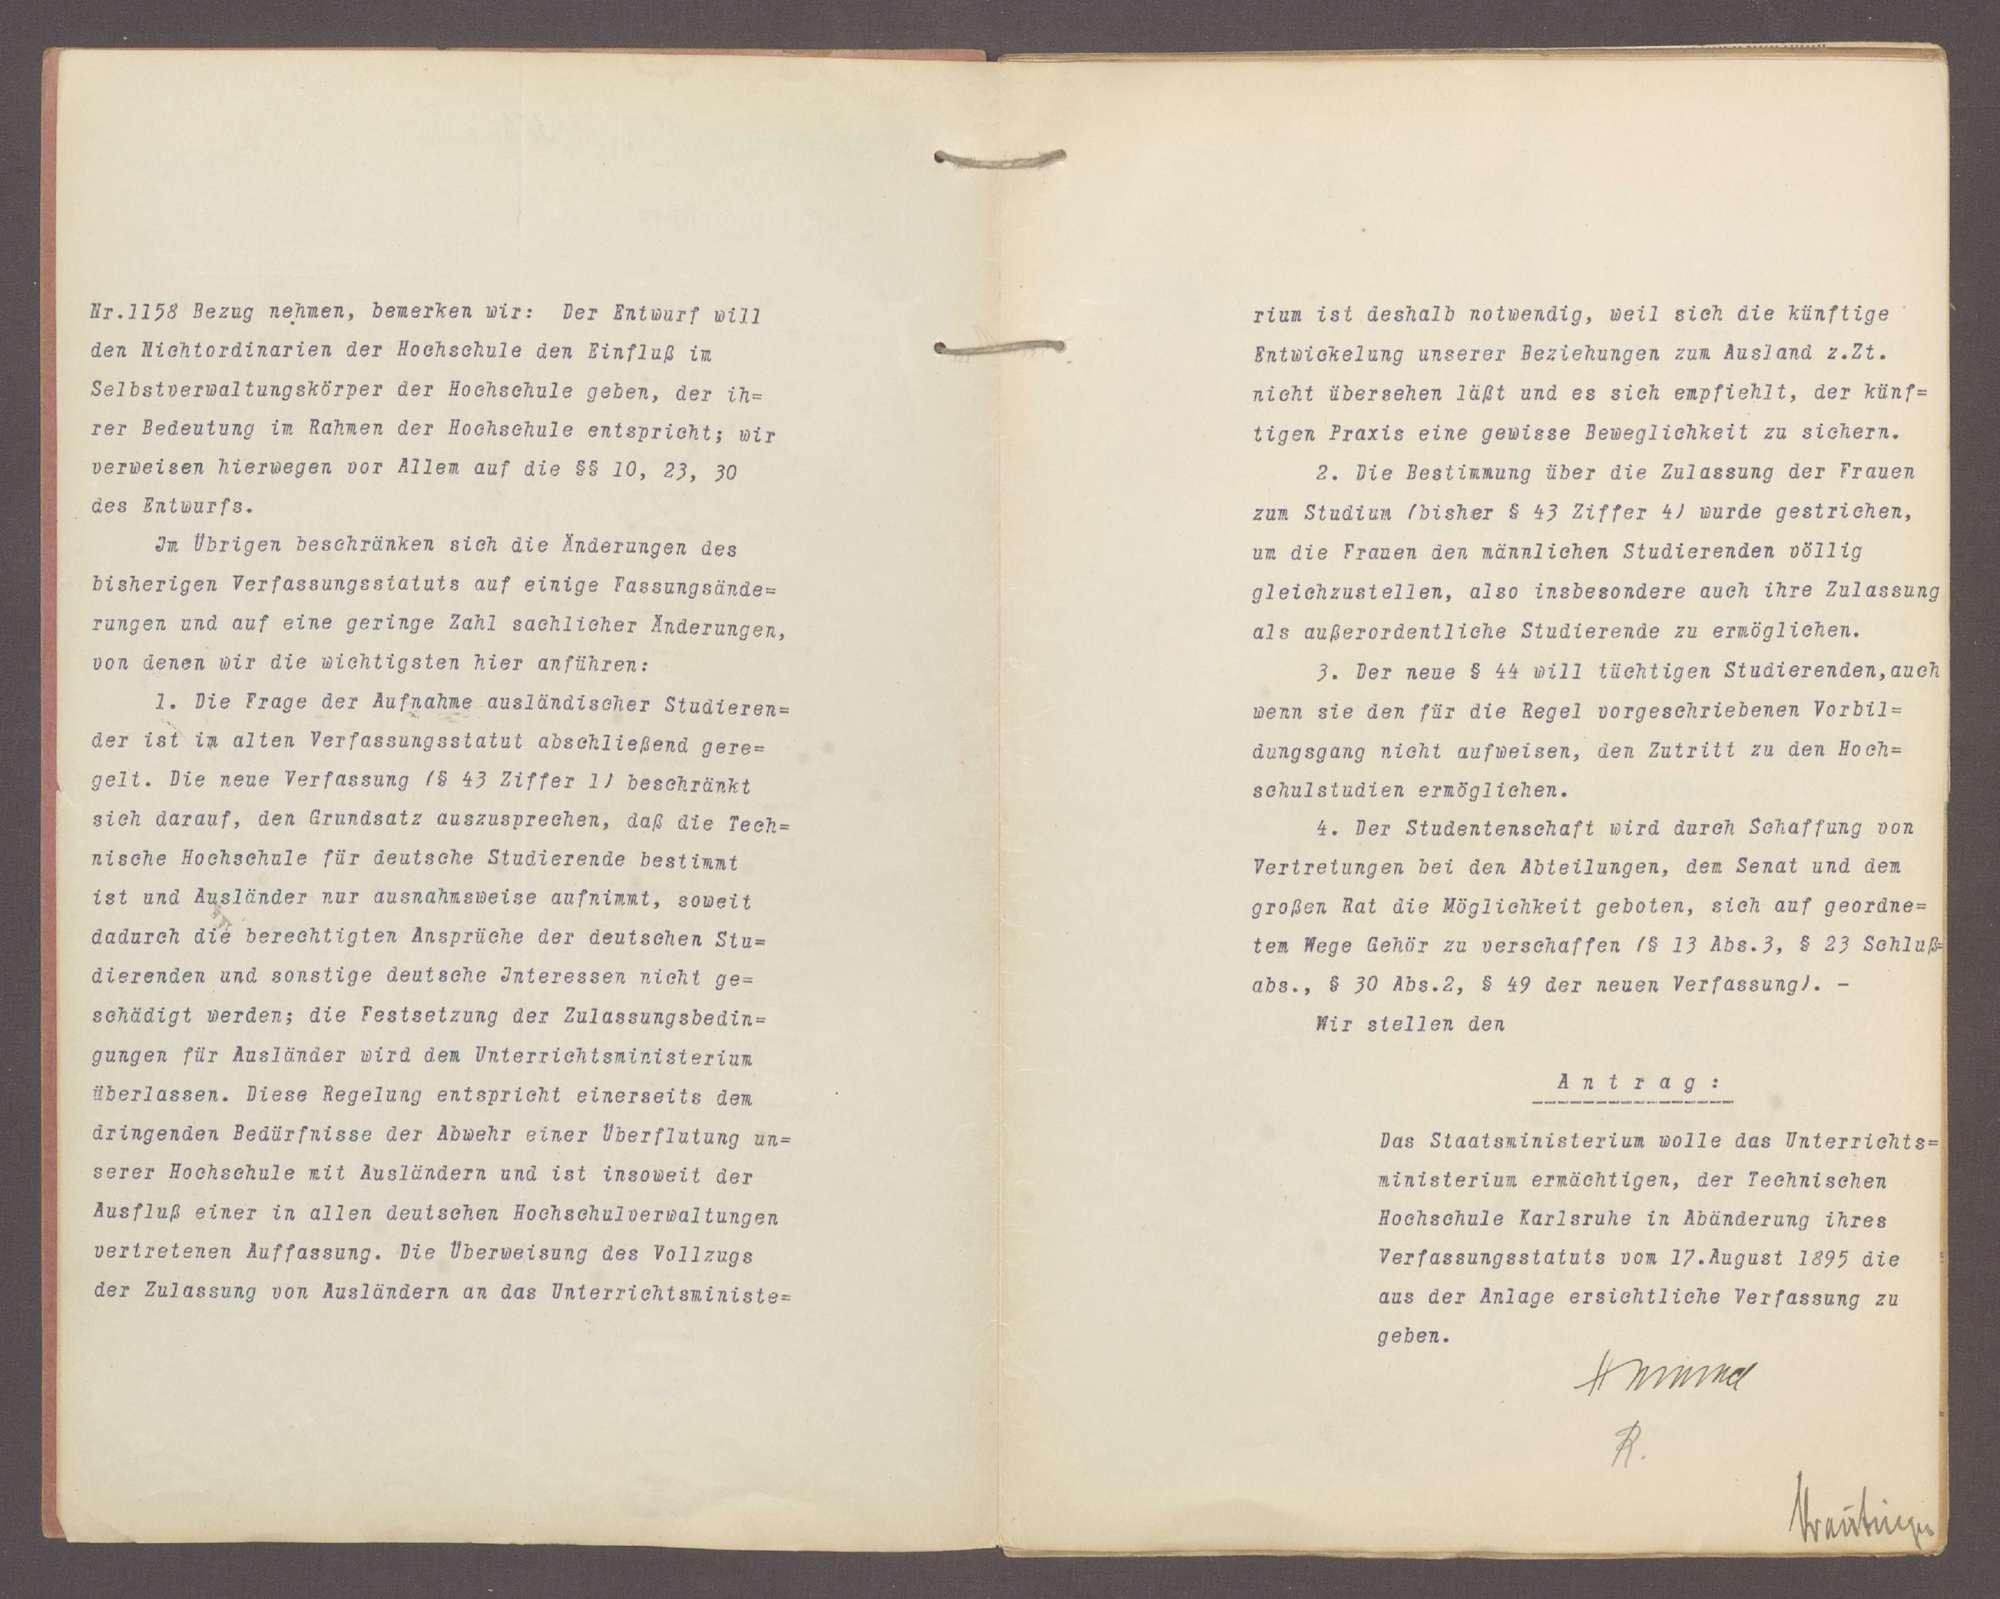 Die Verfassung der Technischen Hochschule Karlsruhe, Bild 3